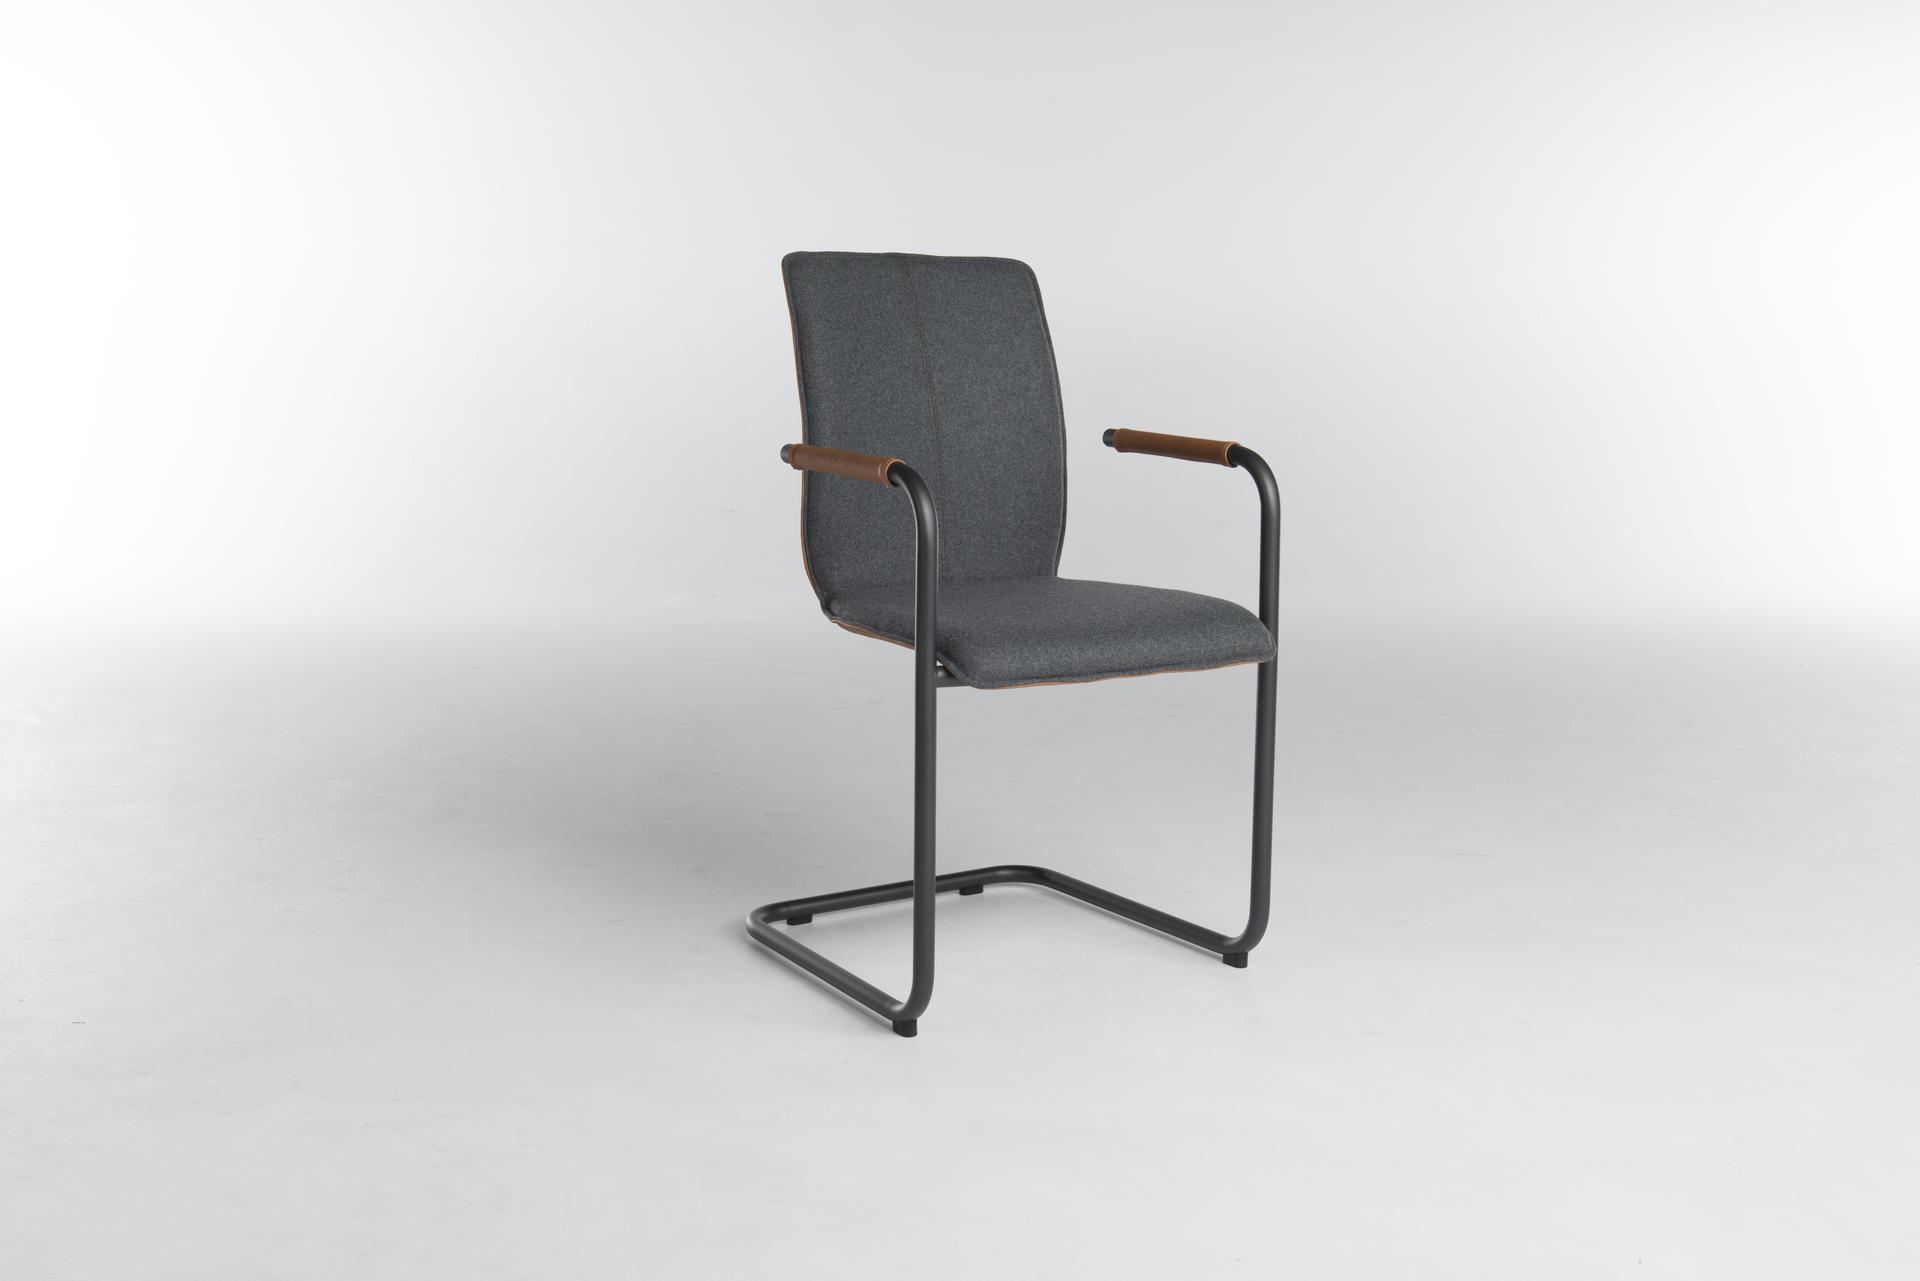 Один из вариантов стула Tara с консольной ногой производит пружинящий эффект.